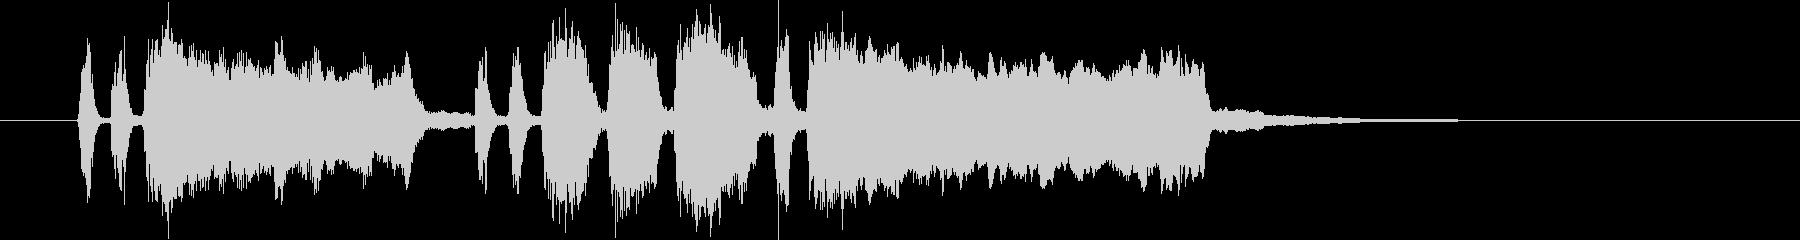 ジャージャージャーン(発表、登場)の未再生の波形